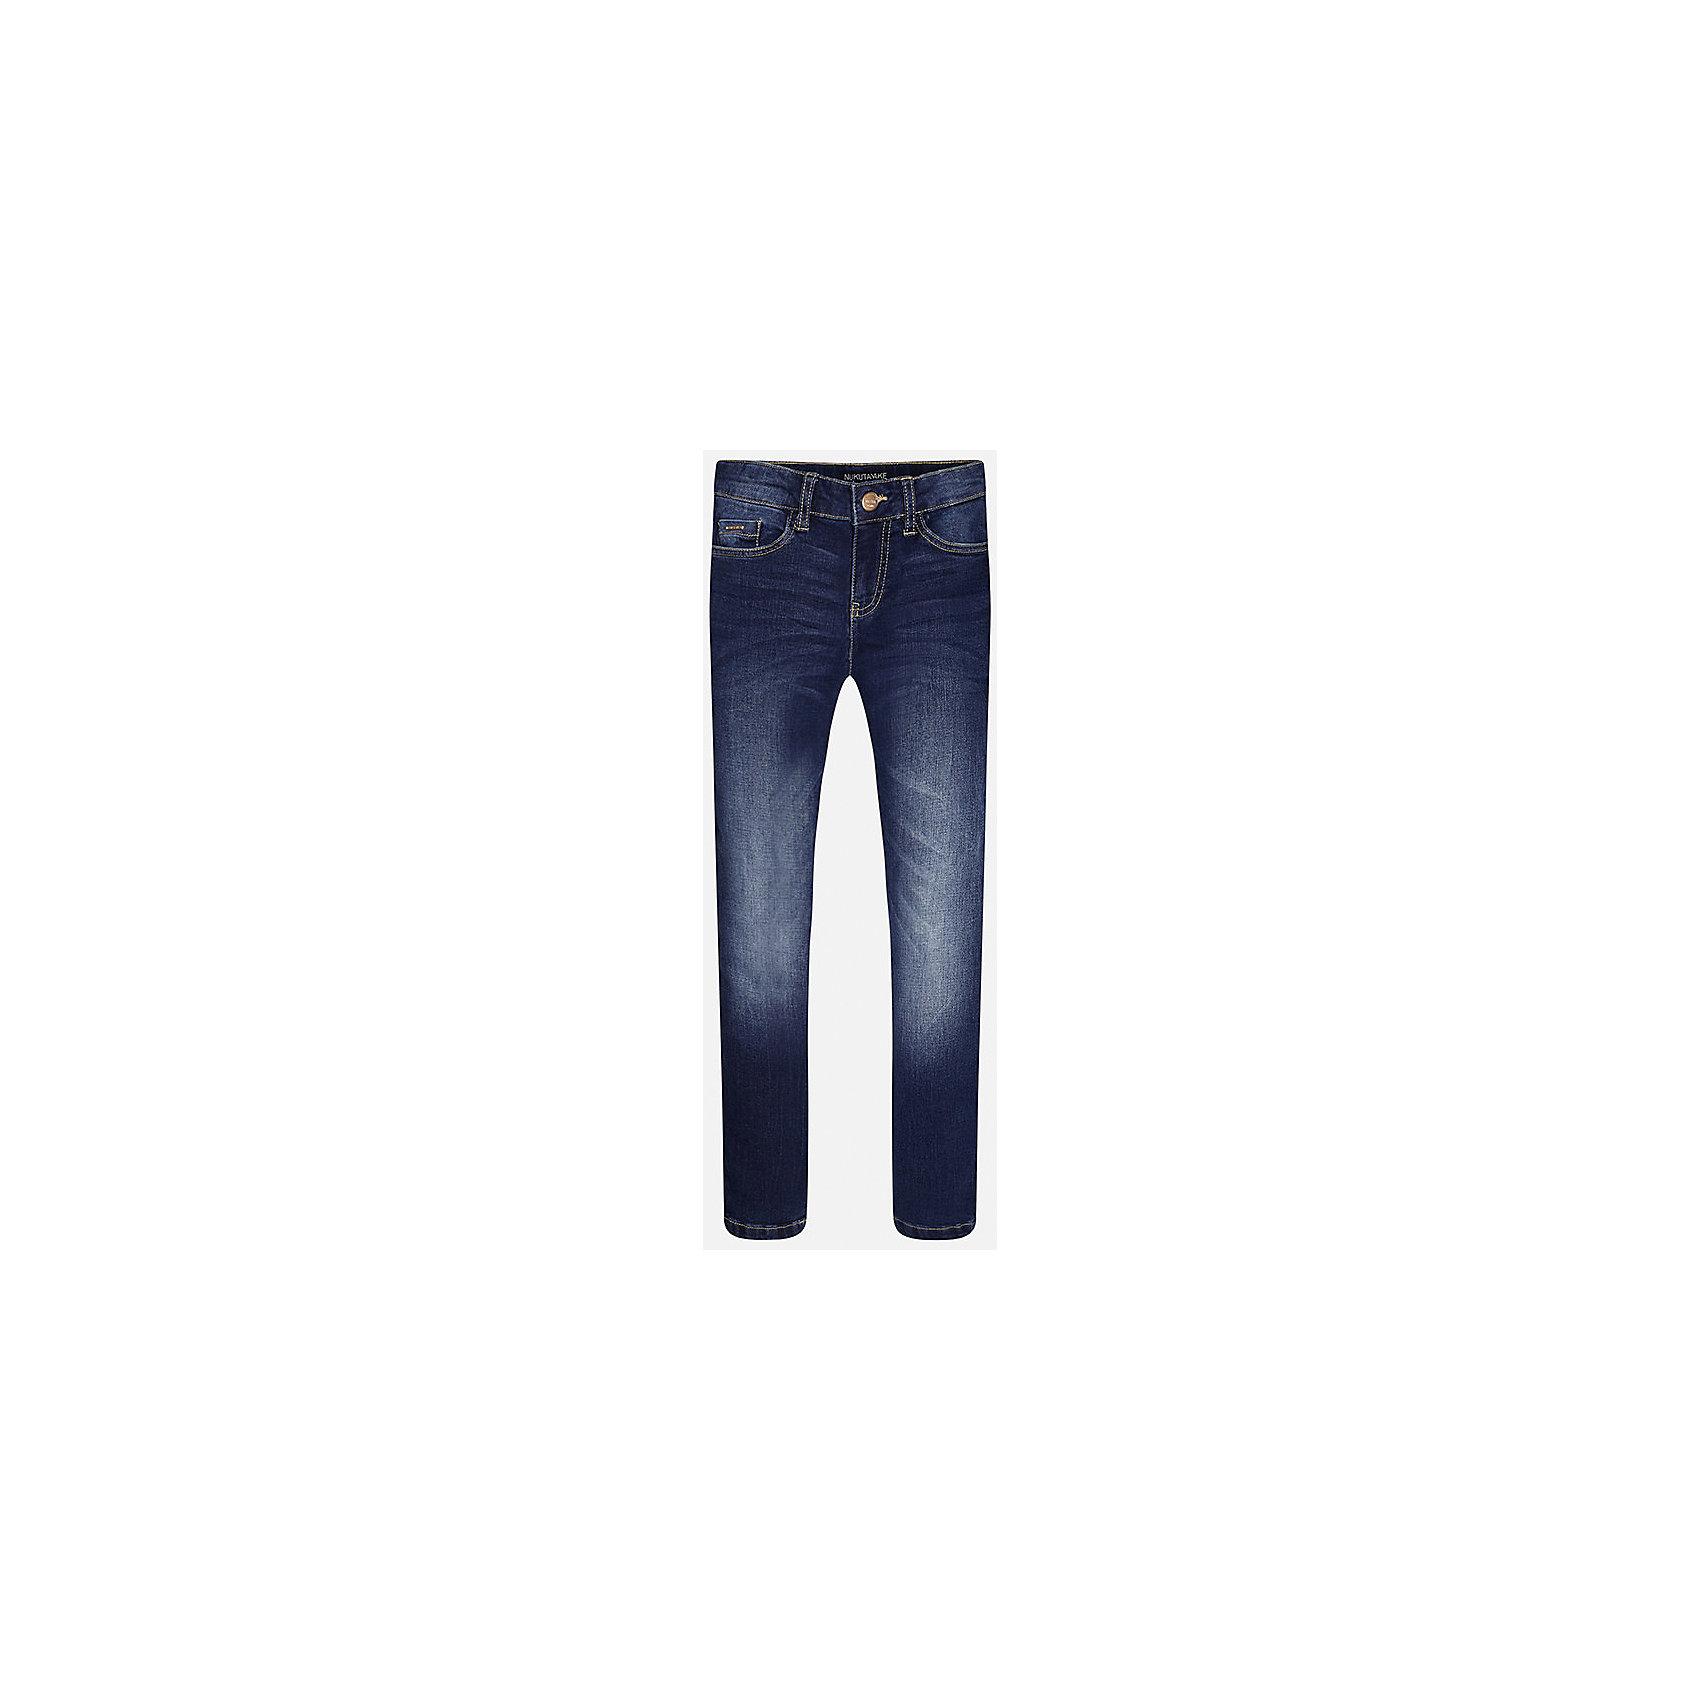 Джинсы для мальчика MayoralДжинсовая одежда<br>Характеристики товара:<br><br>• цвет: синий<br>• состав: 99% хлопок, 1% эластан<br>• имитация потертостей<br>• шлевки<br>• карманы<br>• пояс с регулировкой объема<br>• классический силуэт<br>• страна бренда: Испания<br><br>Стильные удобные брюки для мальчика смогут стать базовой вещью в гардеробе ребенка. Они отлично сочетаются с майками, футболками, рубашками и т.д. Универсальный крой и цвет позволяет подобрать к вещи верх разных расцветок. Практичное и стильное изделие! В составе материала - натуральный хлопок, гипоаллергенный, приятный на ощупь, дышащий.<br><br>Одежда, обувь и аксессуары от испанского бренда Mayoral полюбились детям и взрослым по всему миру. Модели этой марки - стильные и удобные. Для их производства используются только безопасные, качественные материалы и фурнитура. Порадуйте ребенка модными и красивыми вещами от Mayoral! <br><br>Джинсы для мальчика от испанского бренда Mayoral (Майорал) можно купить в нашем интернет-магазине.<br><br>Ширина мм: 215<br>Глубина мм: 88<br>Высота мм: 191<br>Вес г: 336<br>Цвет: синий<br>Возраст от месяцев: 84<br>Возраст до месяцев: 96<br>Пол: Мужской<br>Возраст: Детский<br>Размер: 128/134,170,164,158,152,140<br>SKU: 5277634